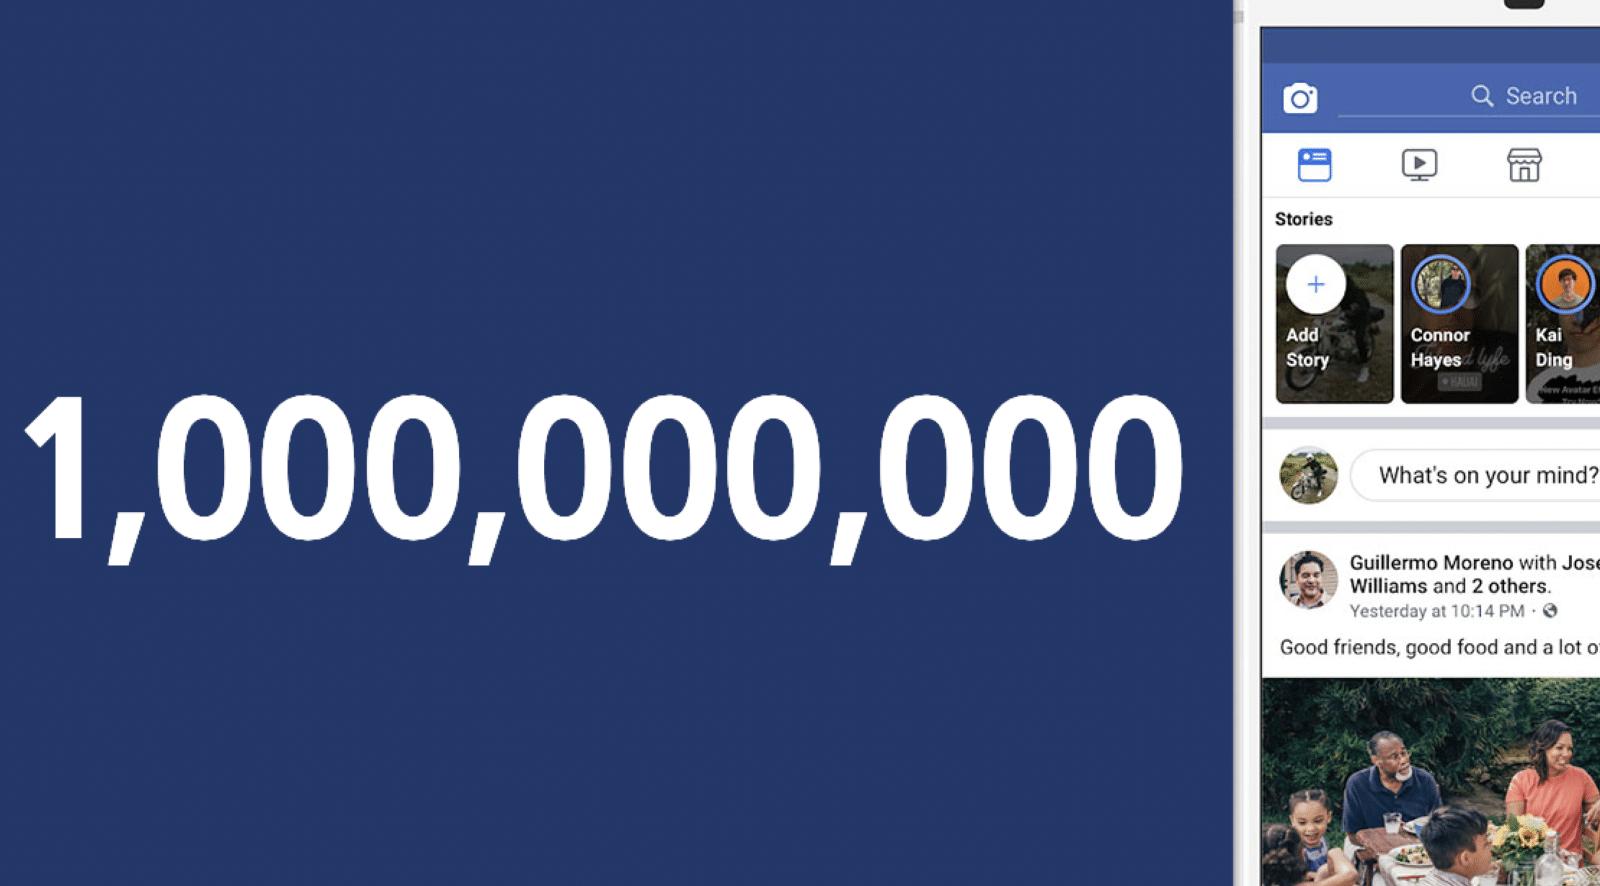 ยอดผู้ใช้งาน Story บน IG, WhatsApp และ Facebook แตะหลักพันล้าน ต่อวันแล้ว